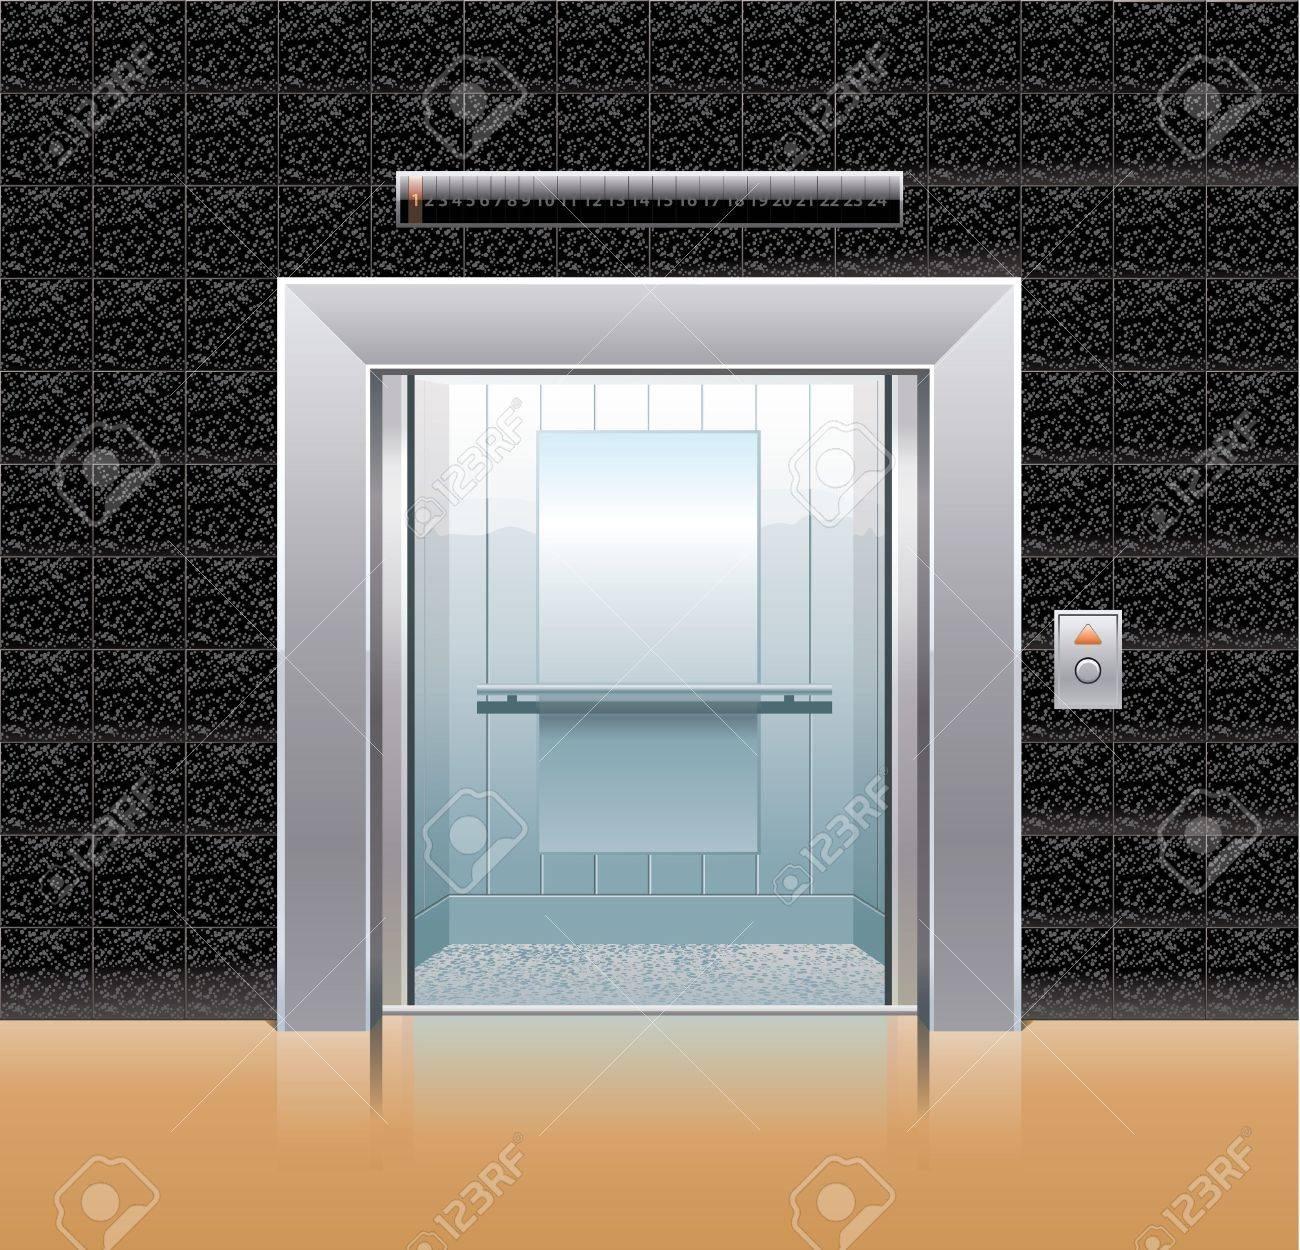 Passenger elevator with opened doors. Stock Vector - 11661291